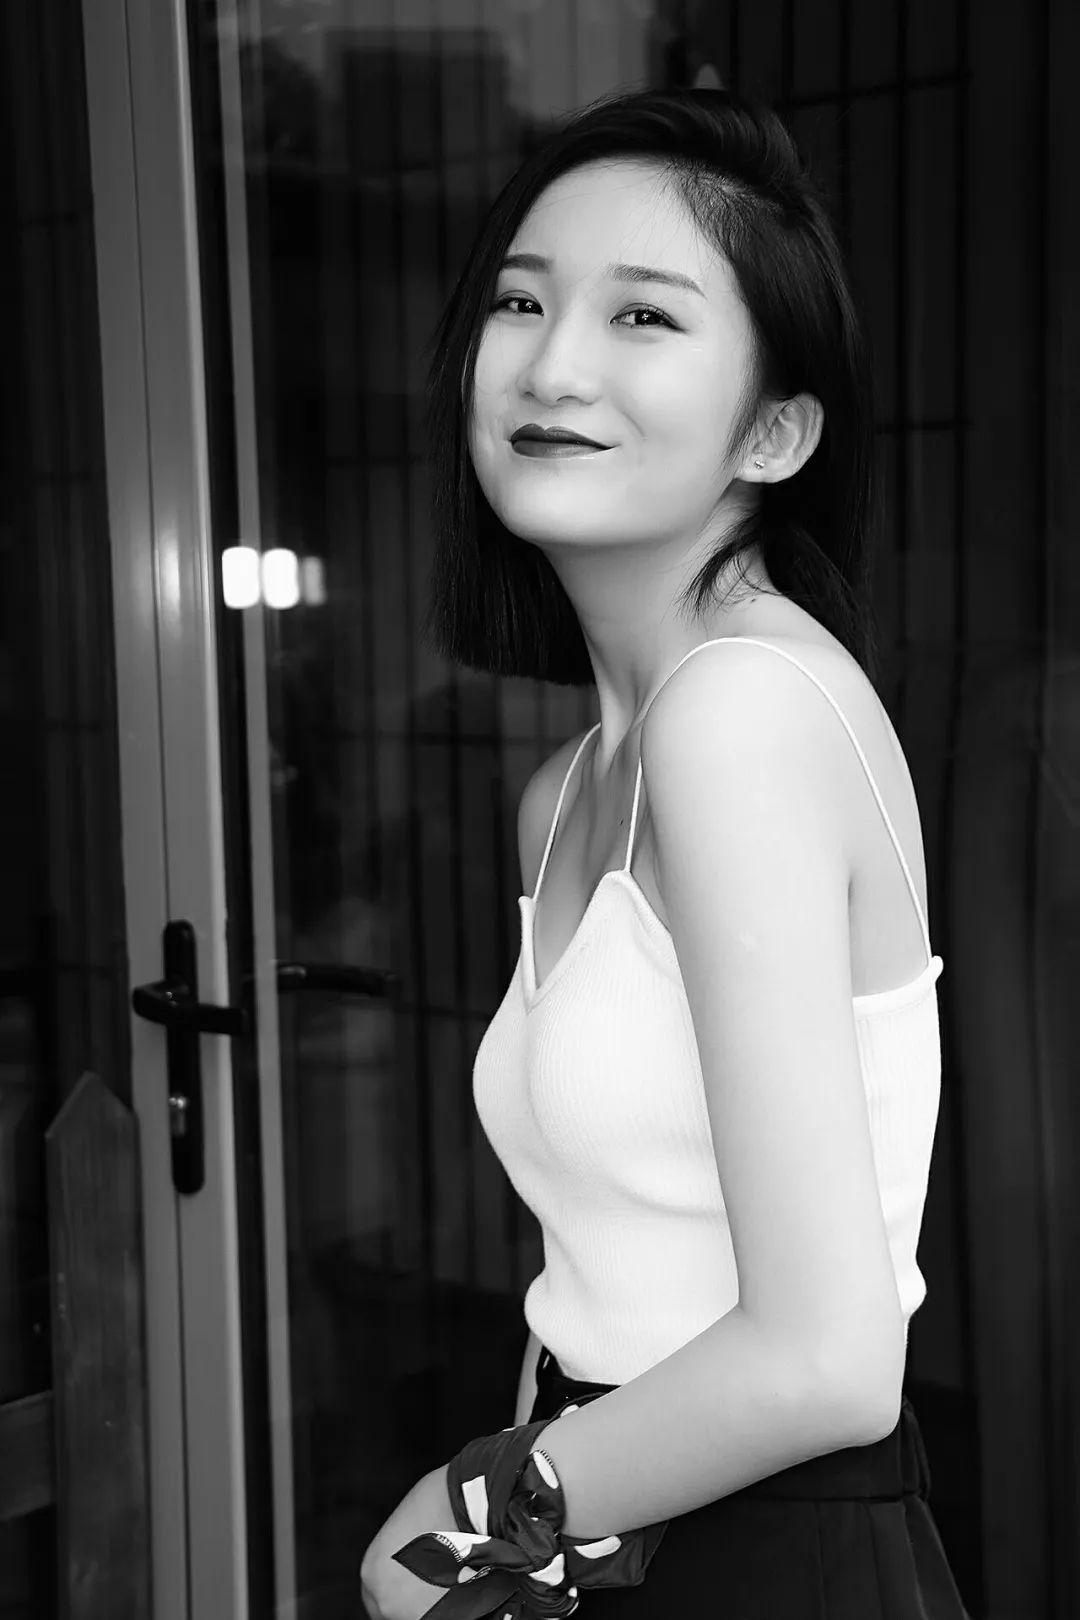 北京职业模特学校|平面模特拍摄课|李鑫